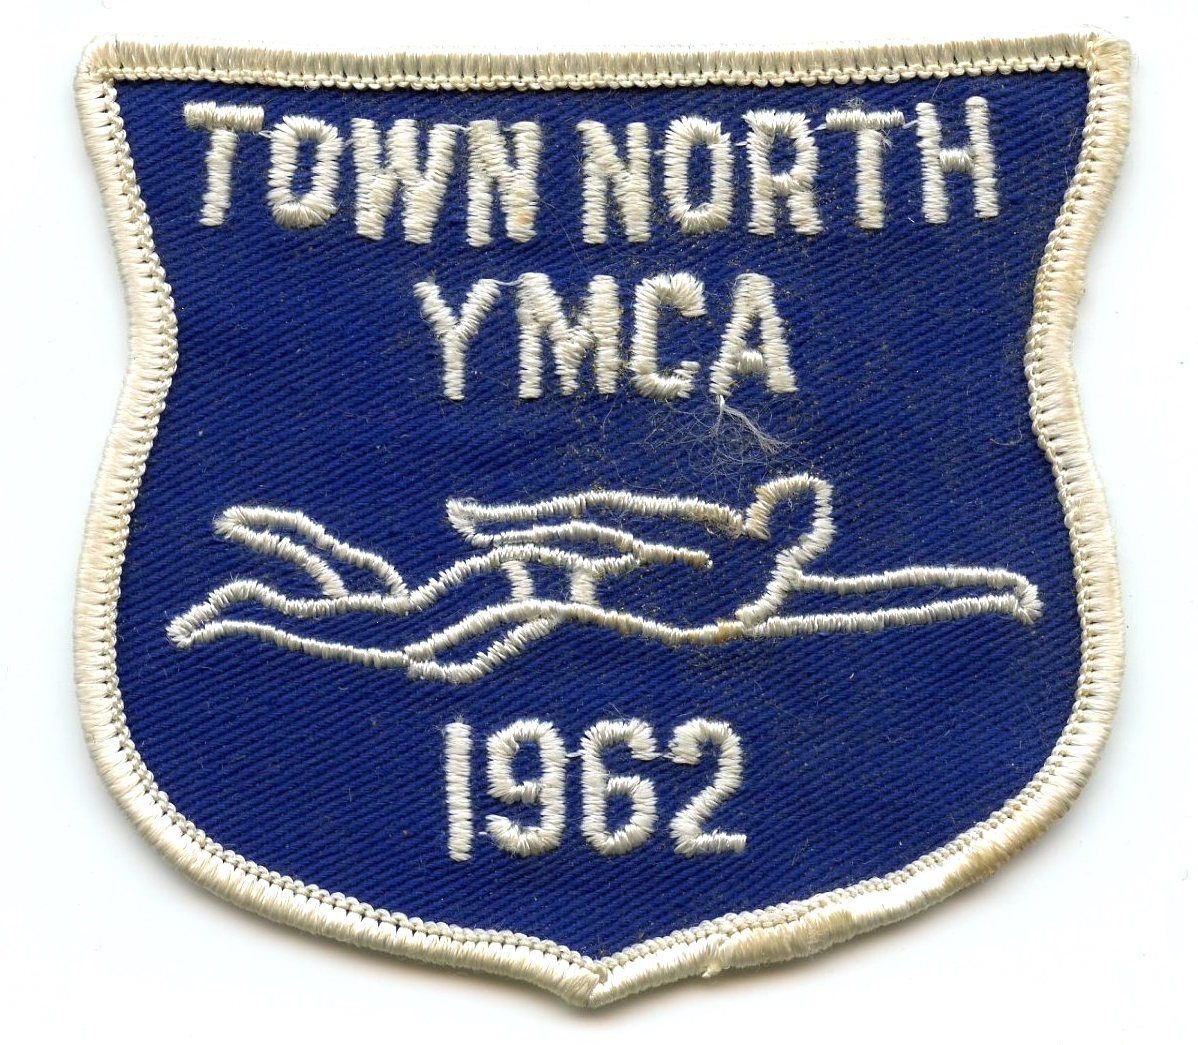 TNY patches LloydCates 1962.jpg